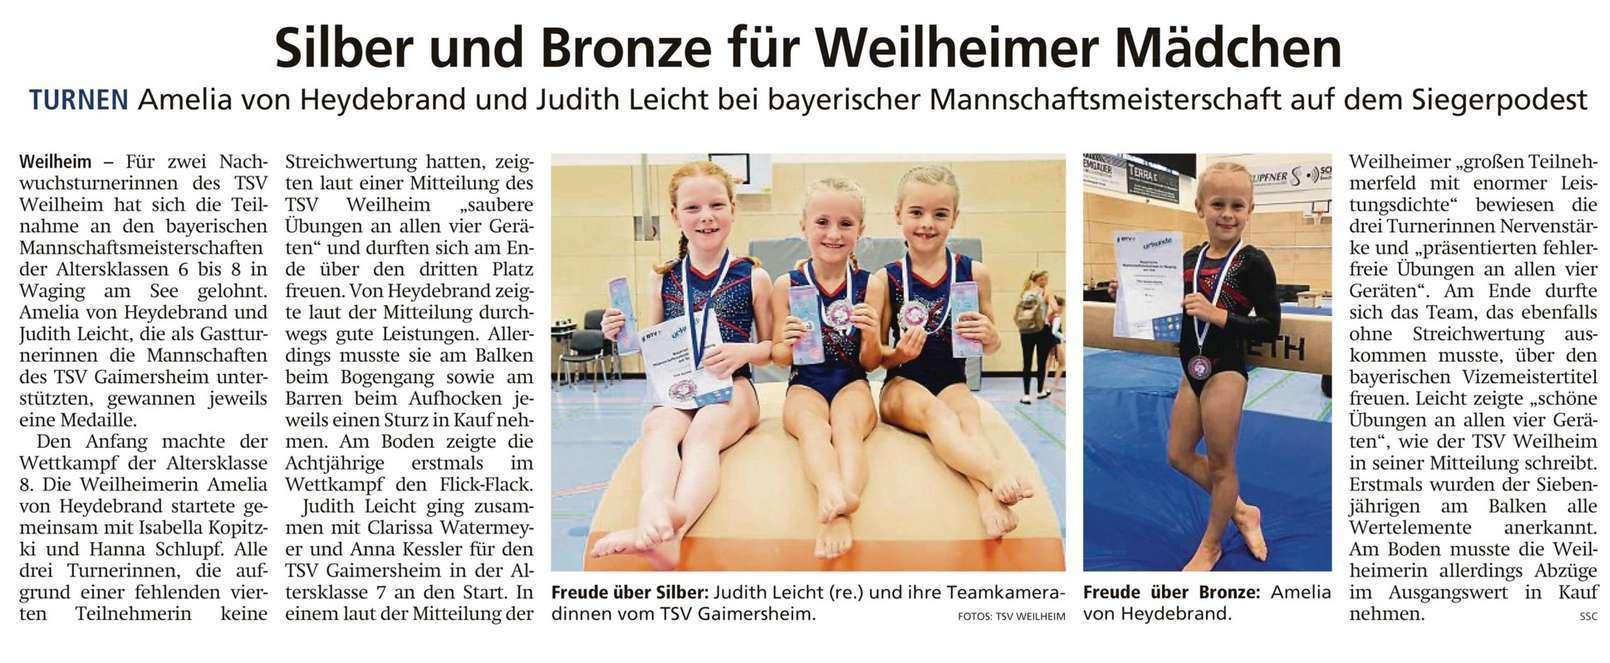 2019-10-09 Tagblatt fm